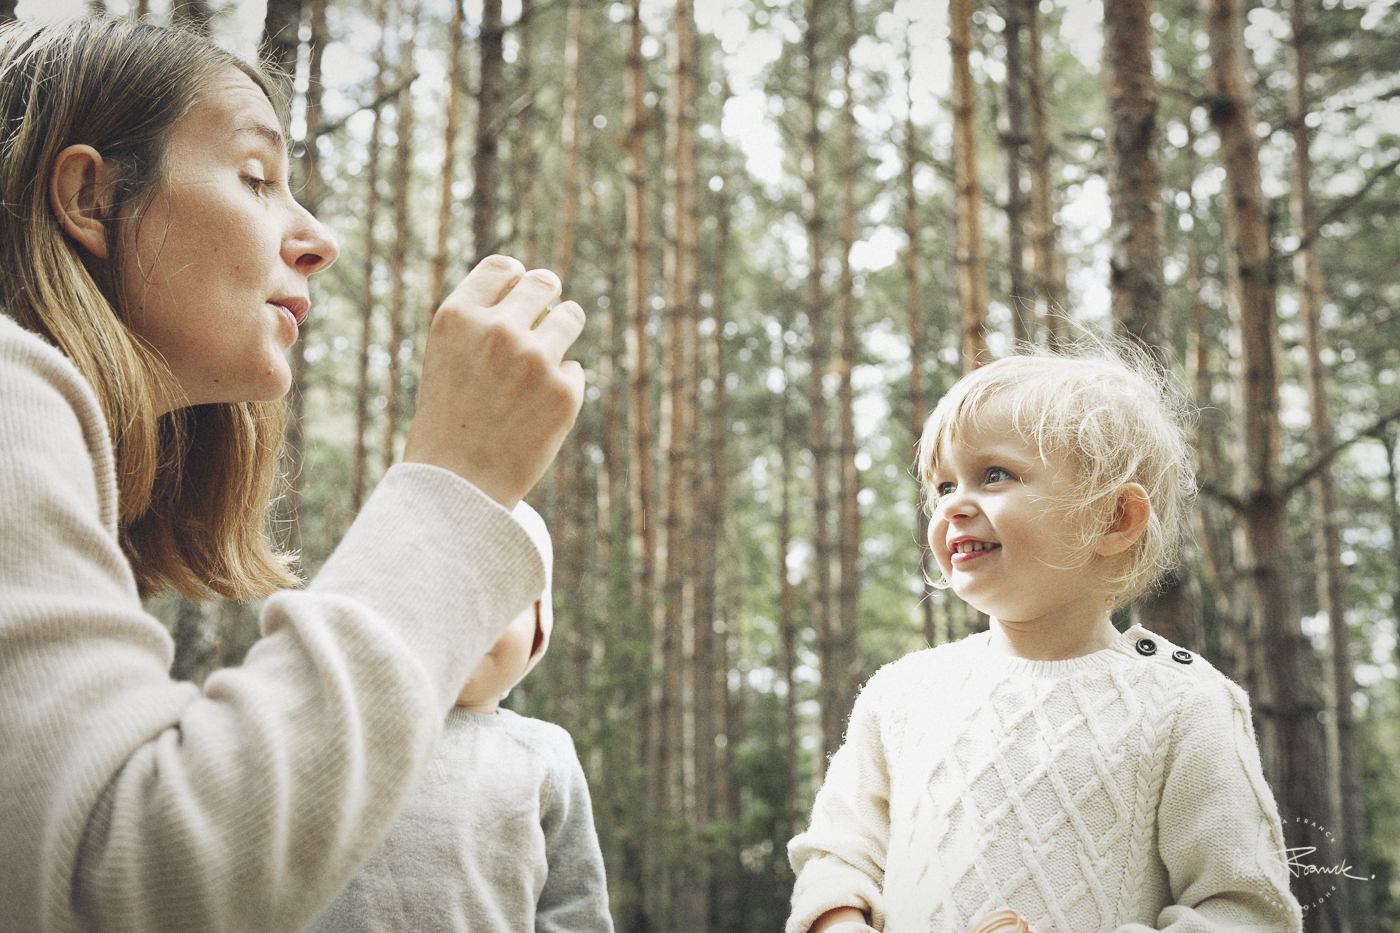 barnfotografering, stockholmsfotograf, anna, franck, photography, stockholm, pargas, åbo, barn, porträtt, portraits, avslappnat, relaxed, naturallighta